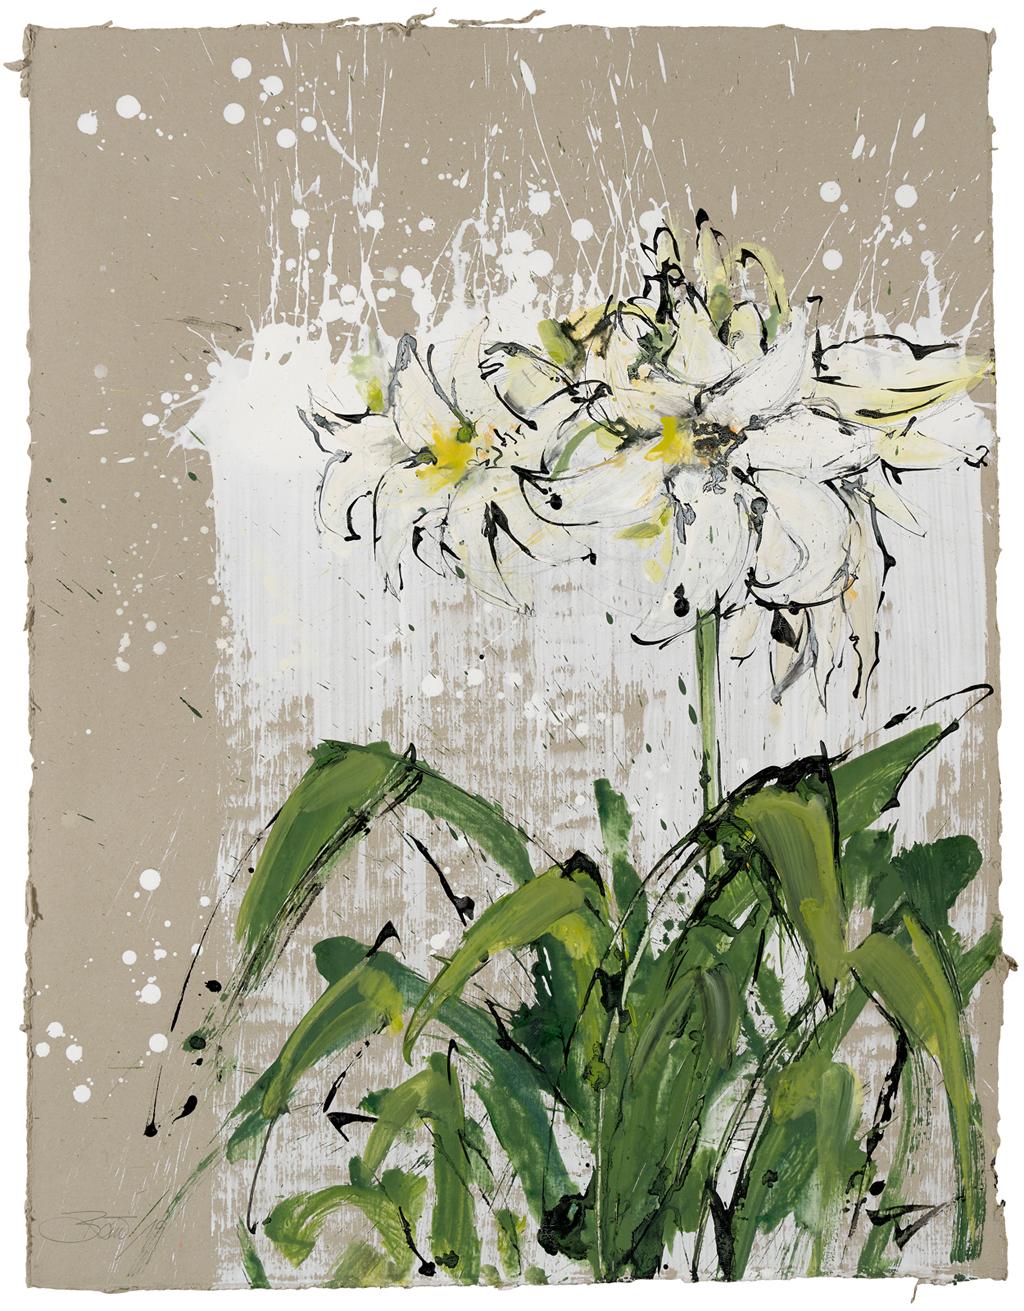 Im Garten von Georgette – Lilien | 2019, Gesso, Schellack und Acryl auf Pappe, 88 x 68 cm